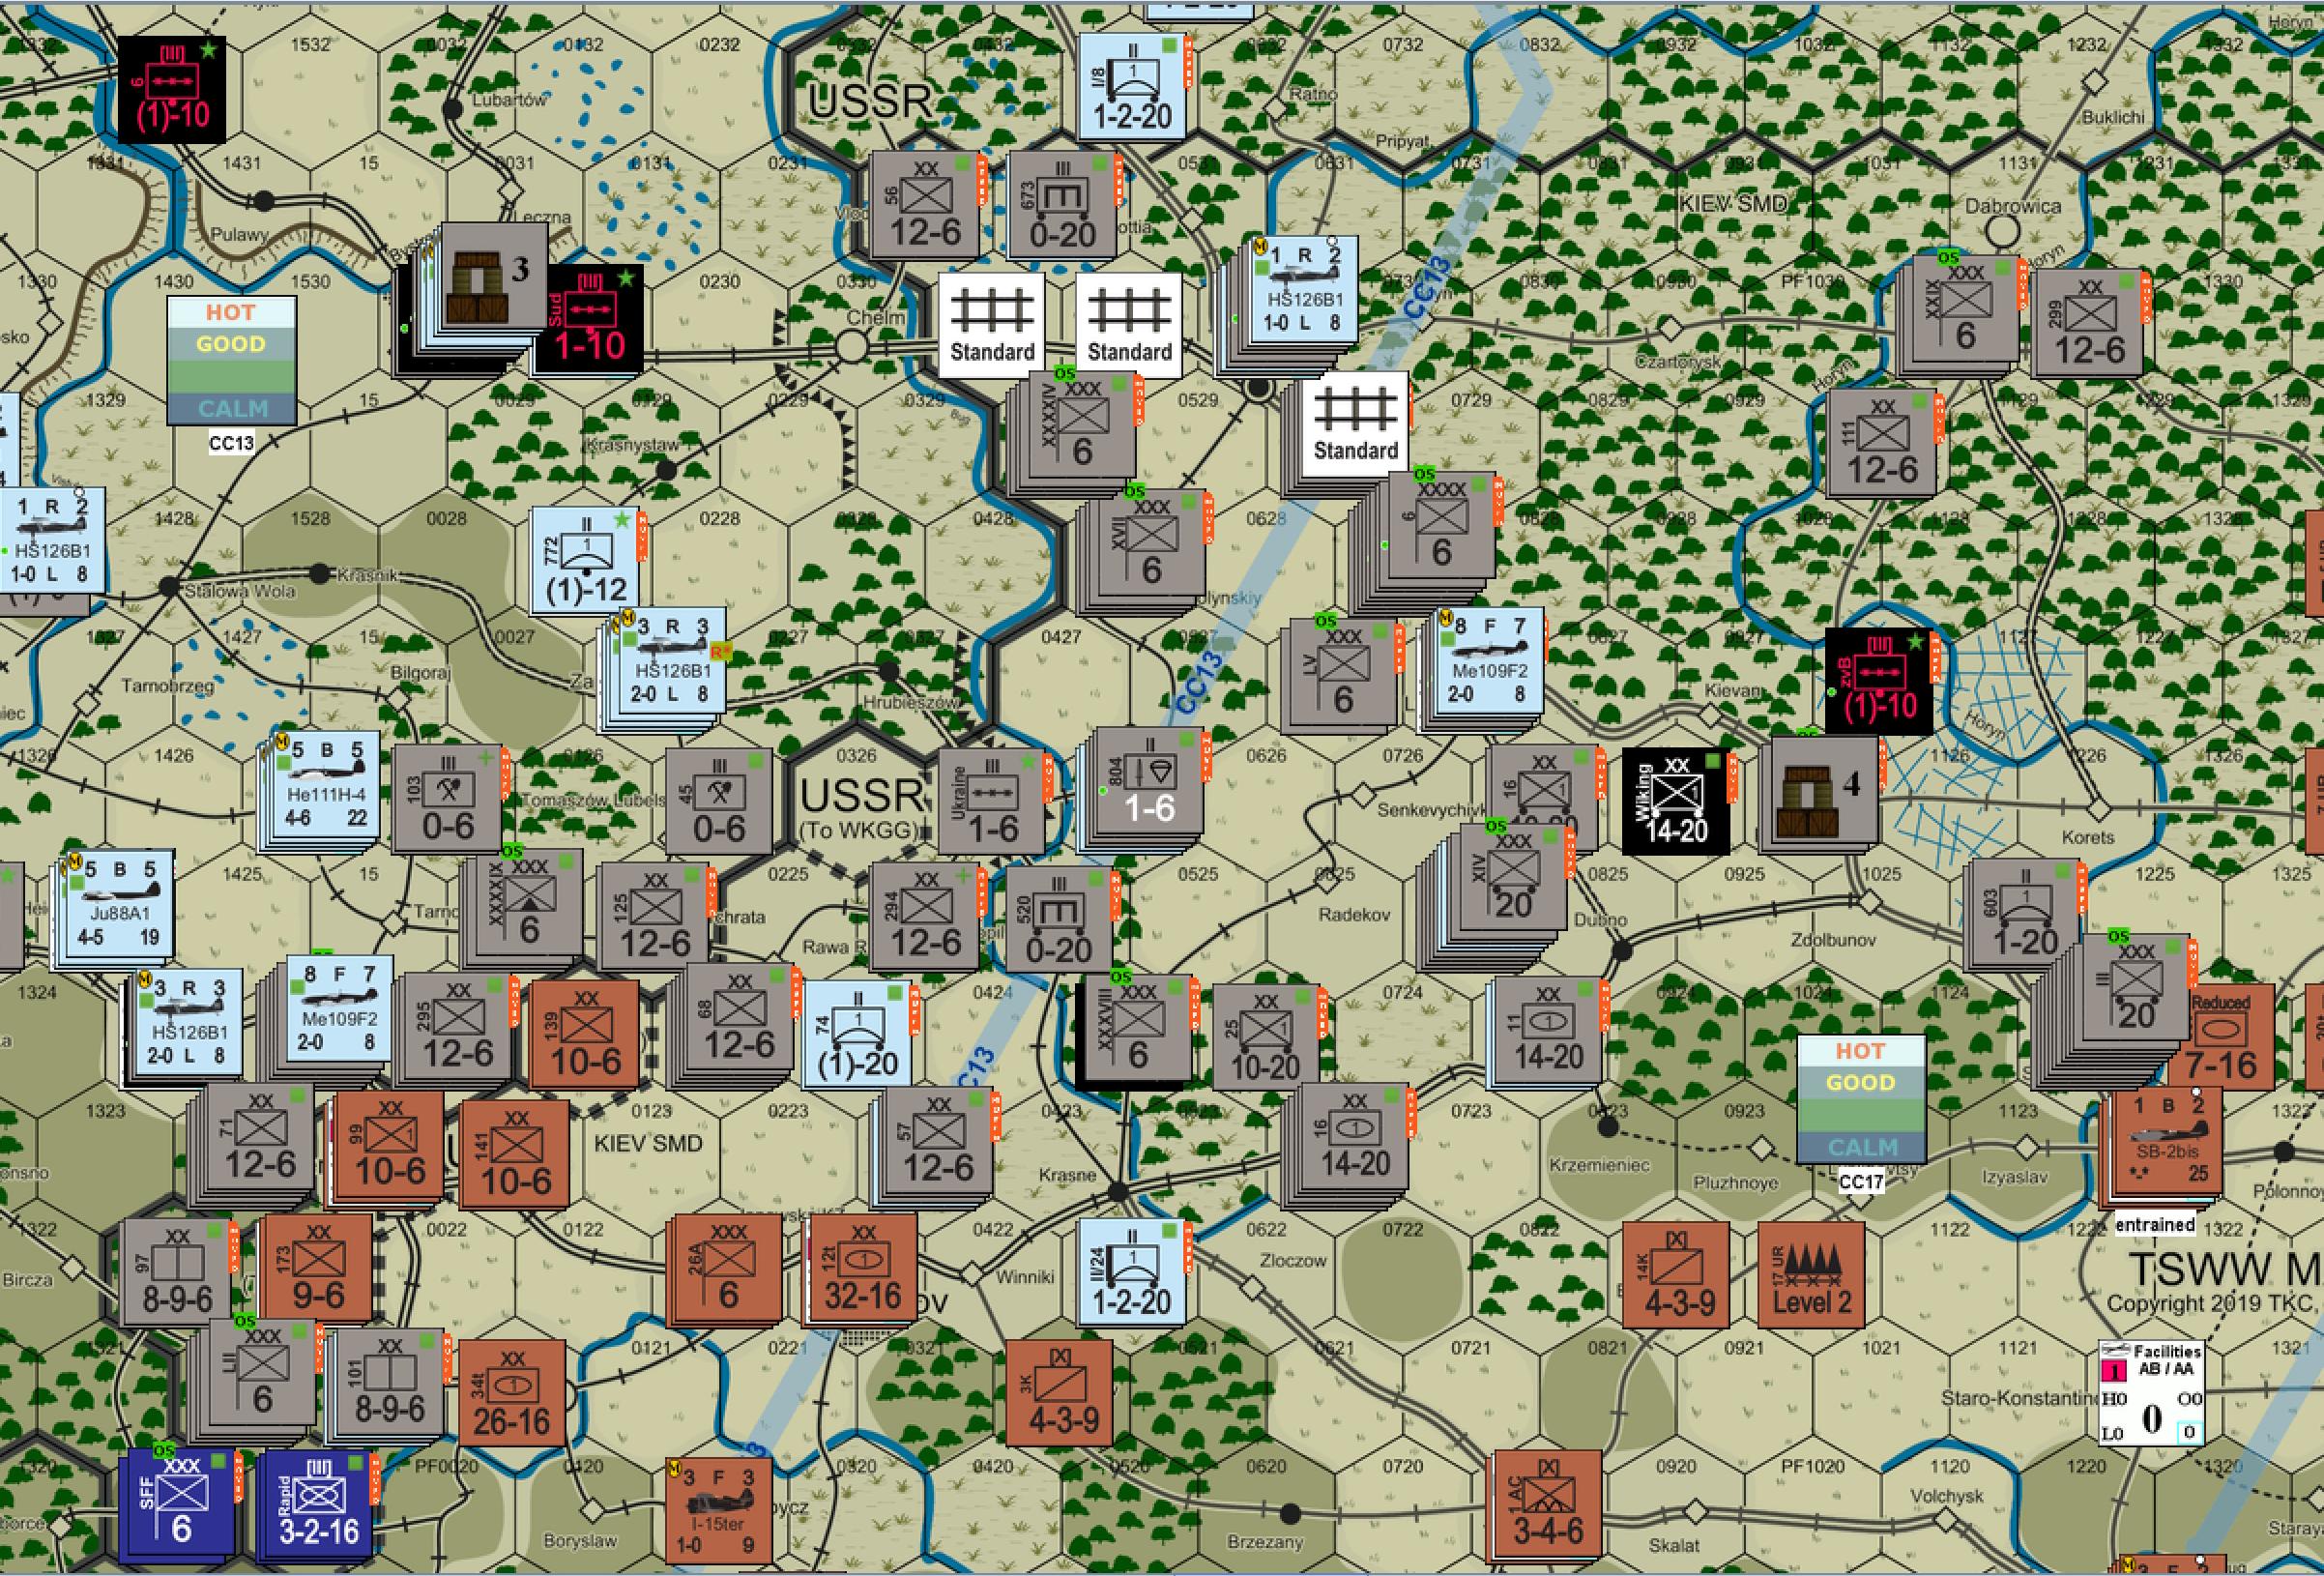 Jun2 41 end move axis AGS